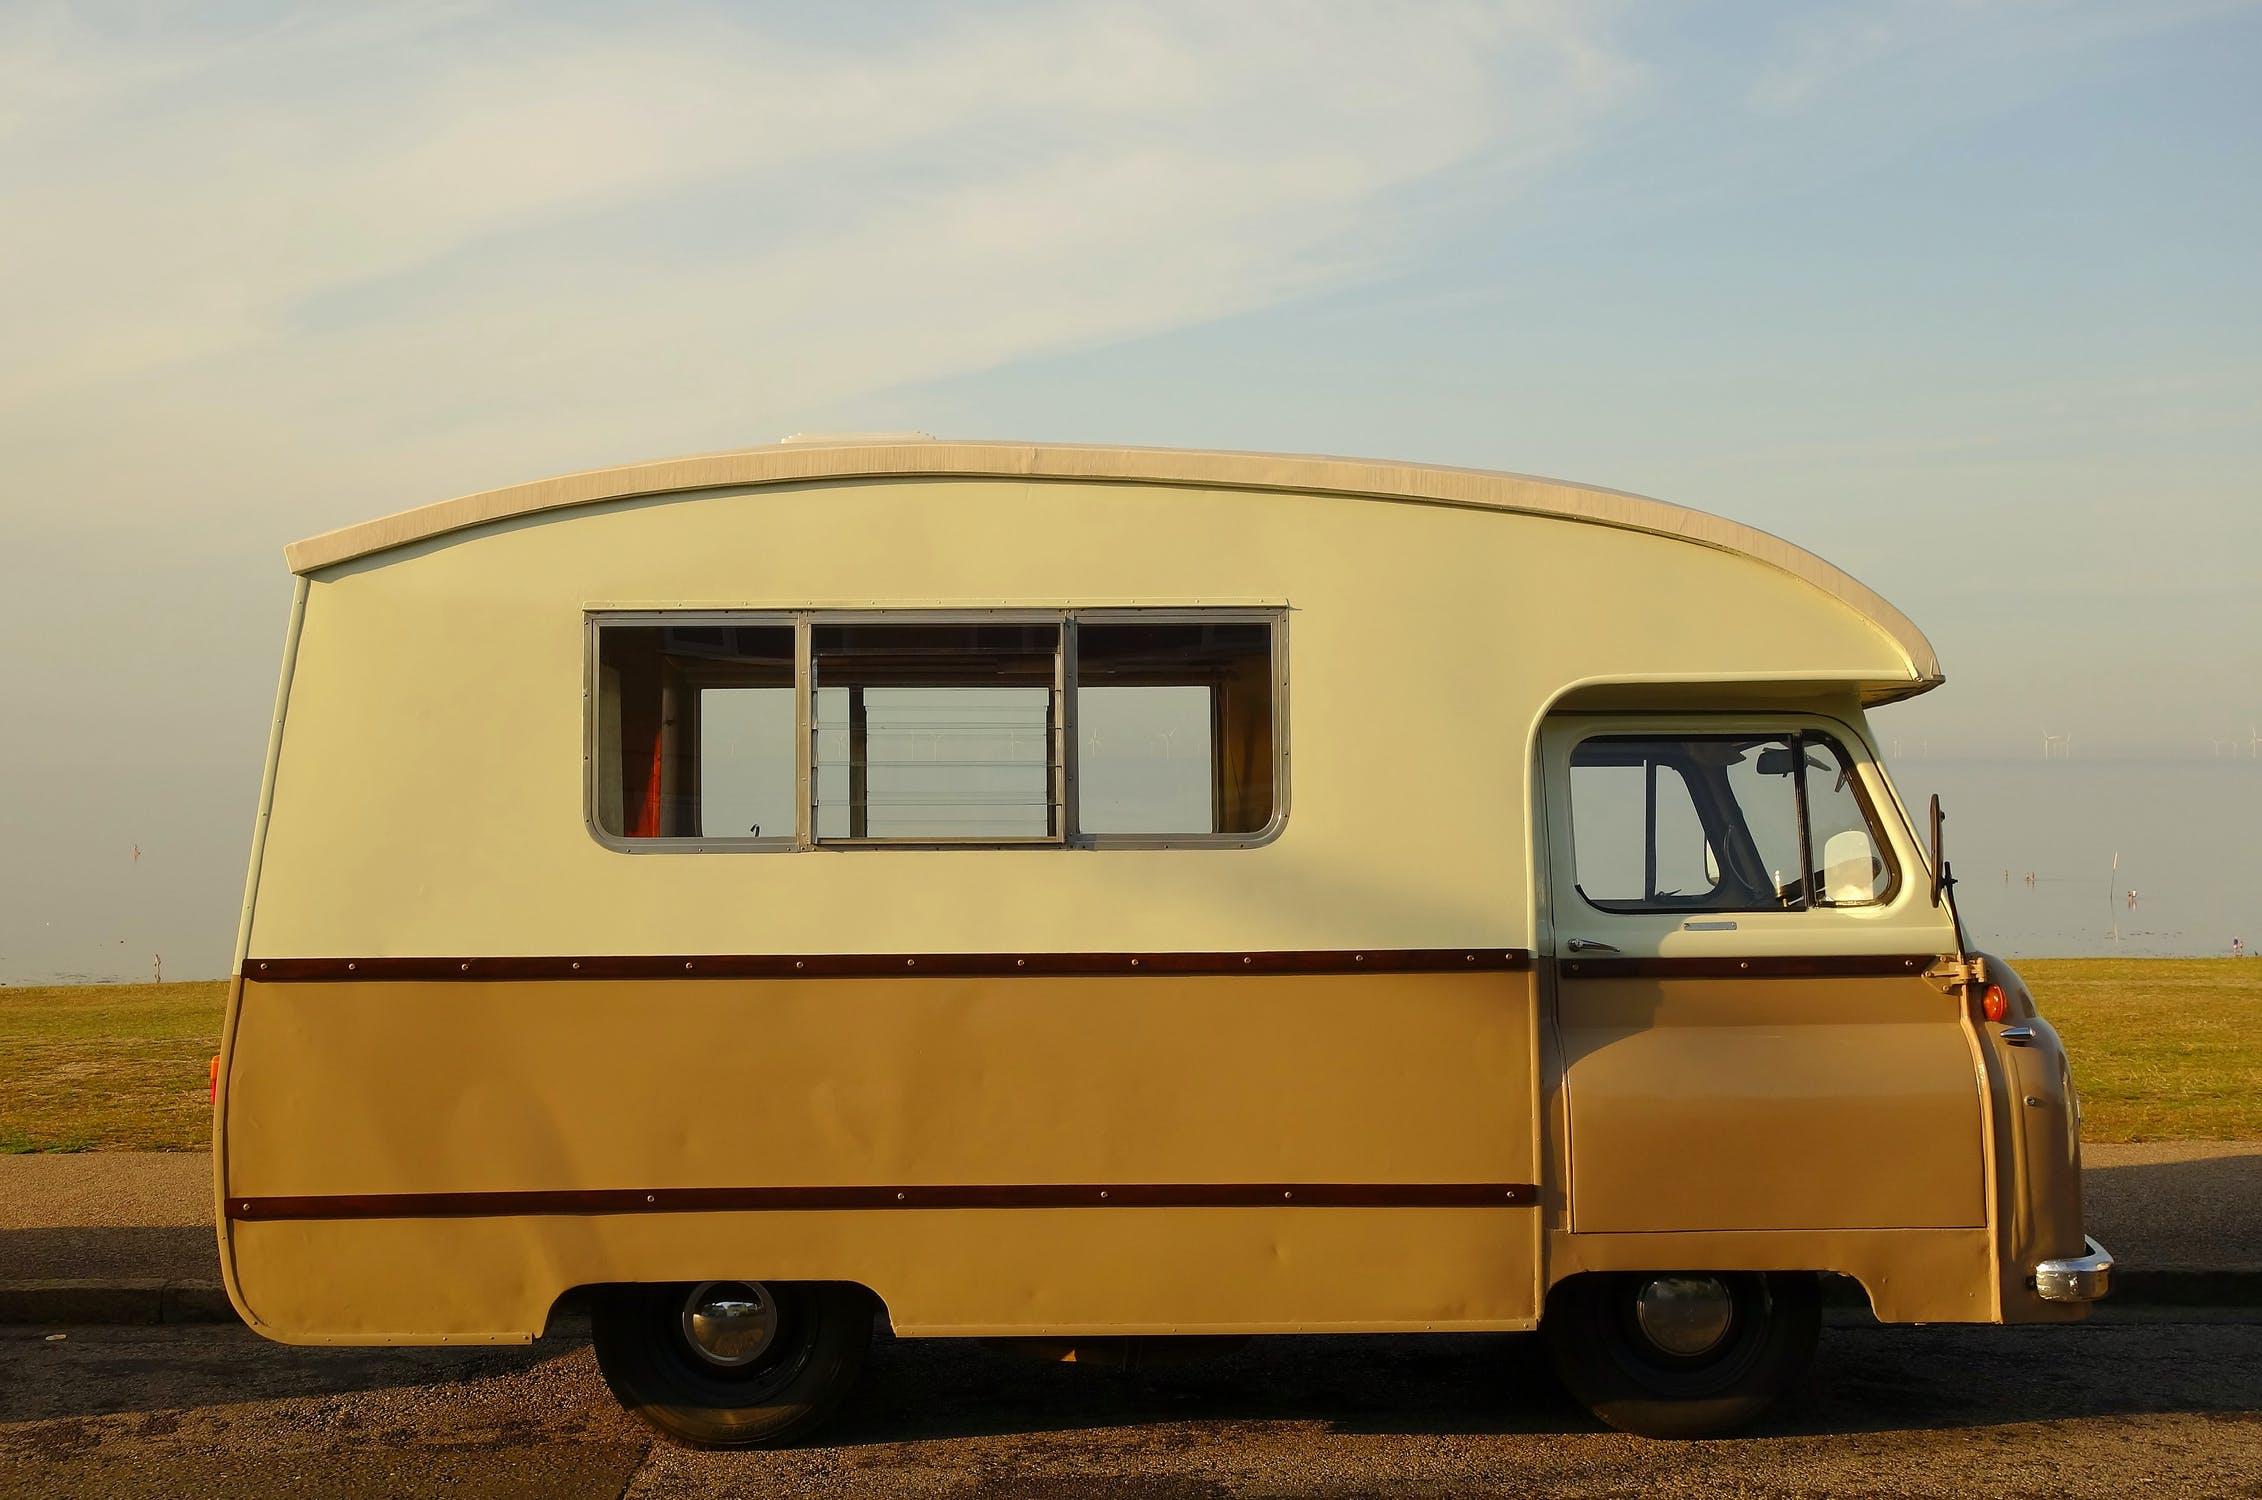 Op naar de camping in Frankrijk?